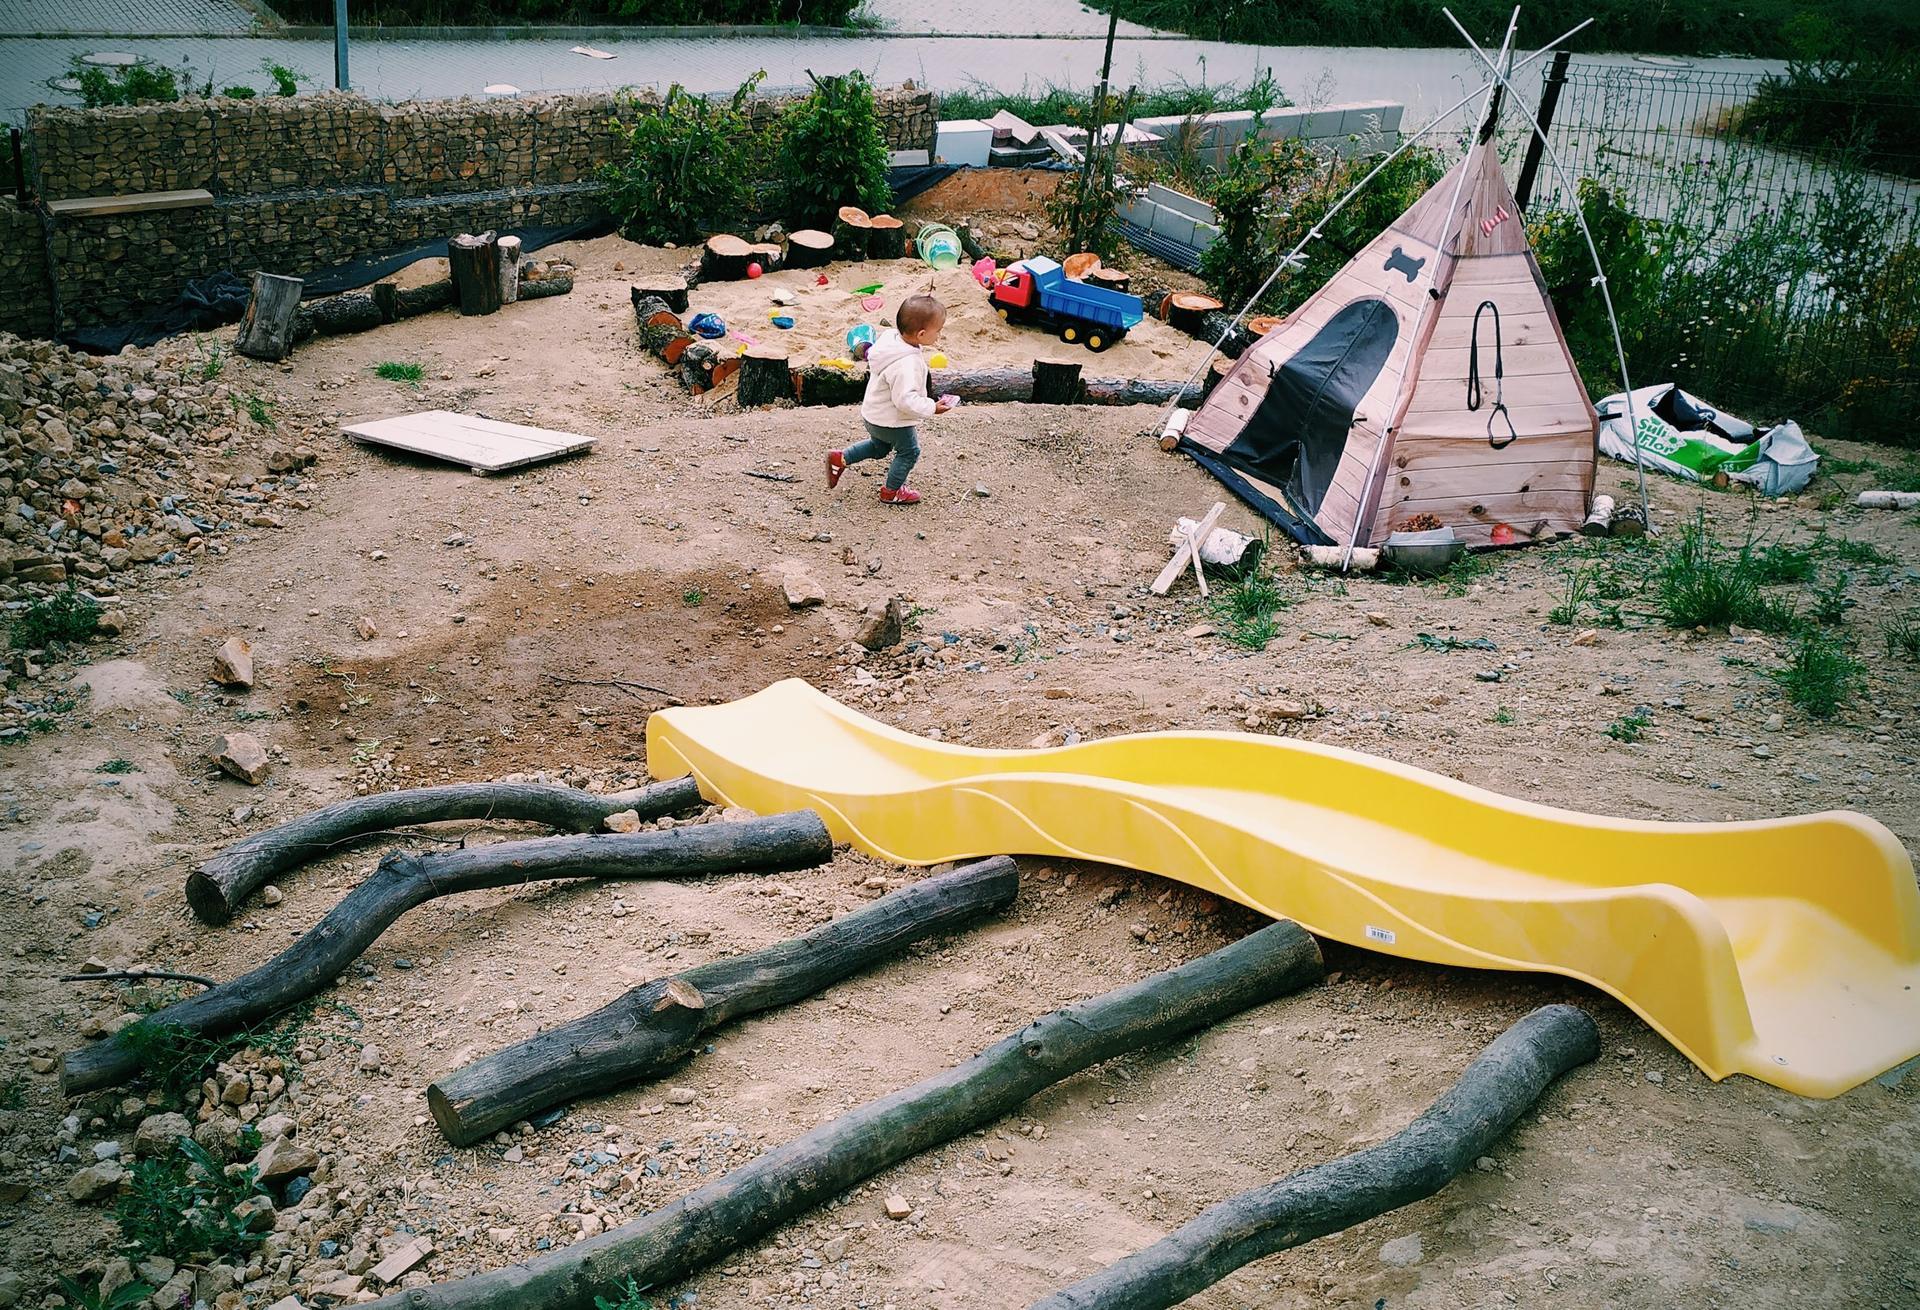 Náš domov ve svahu - Dětské hřiště ve svahu, zatím stále v procesu, ale za to v každo-denním zápřahu